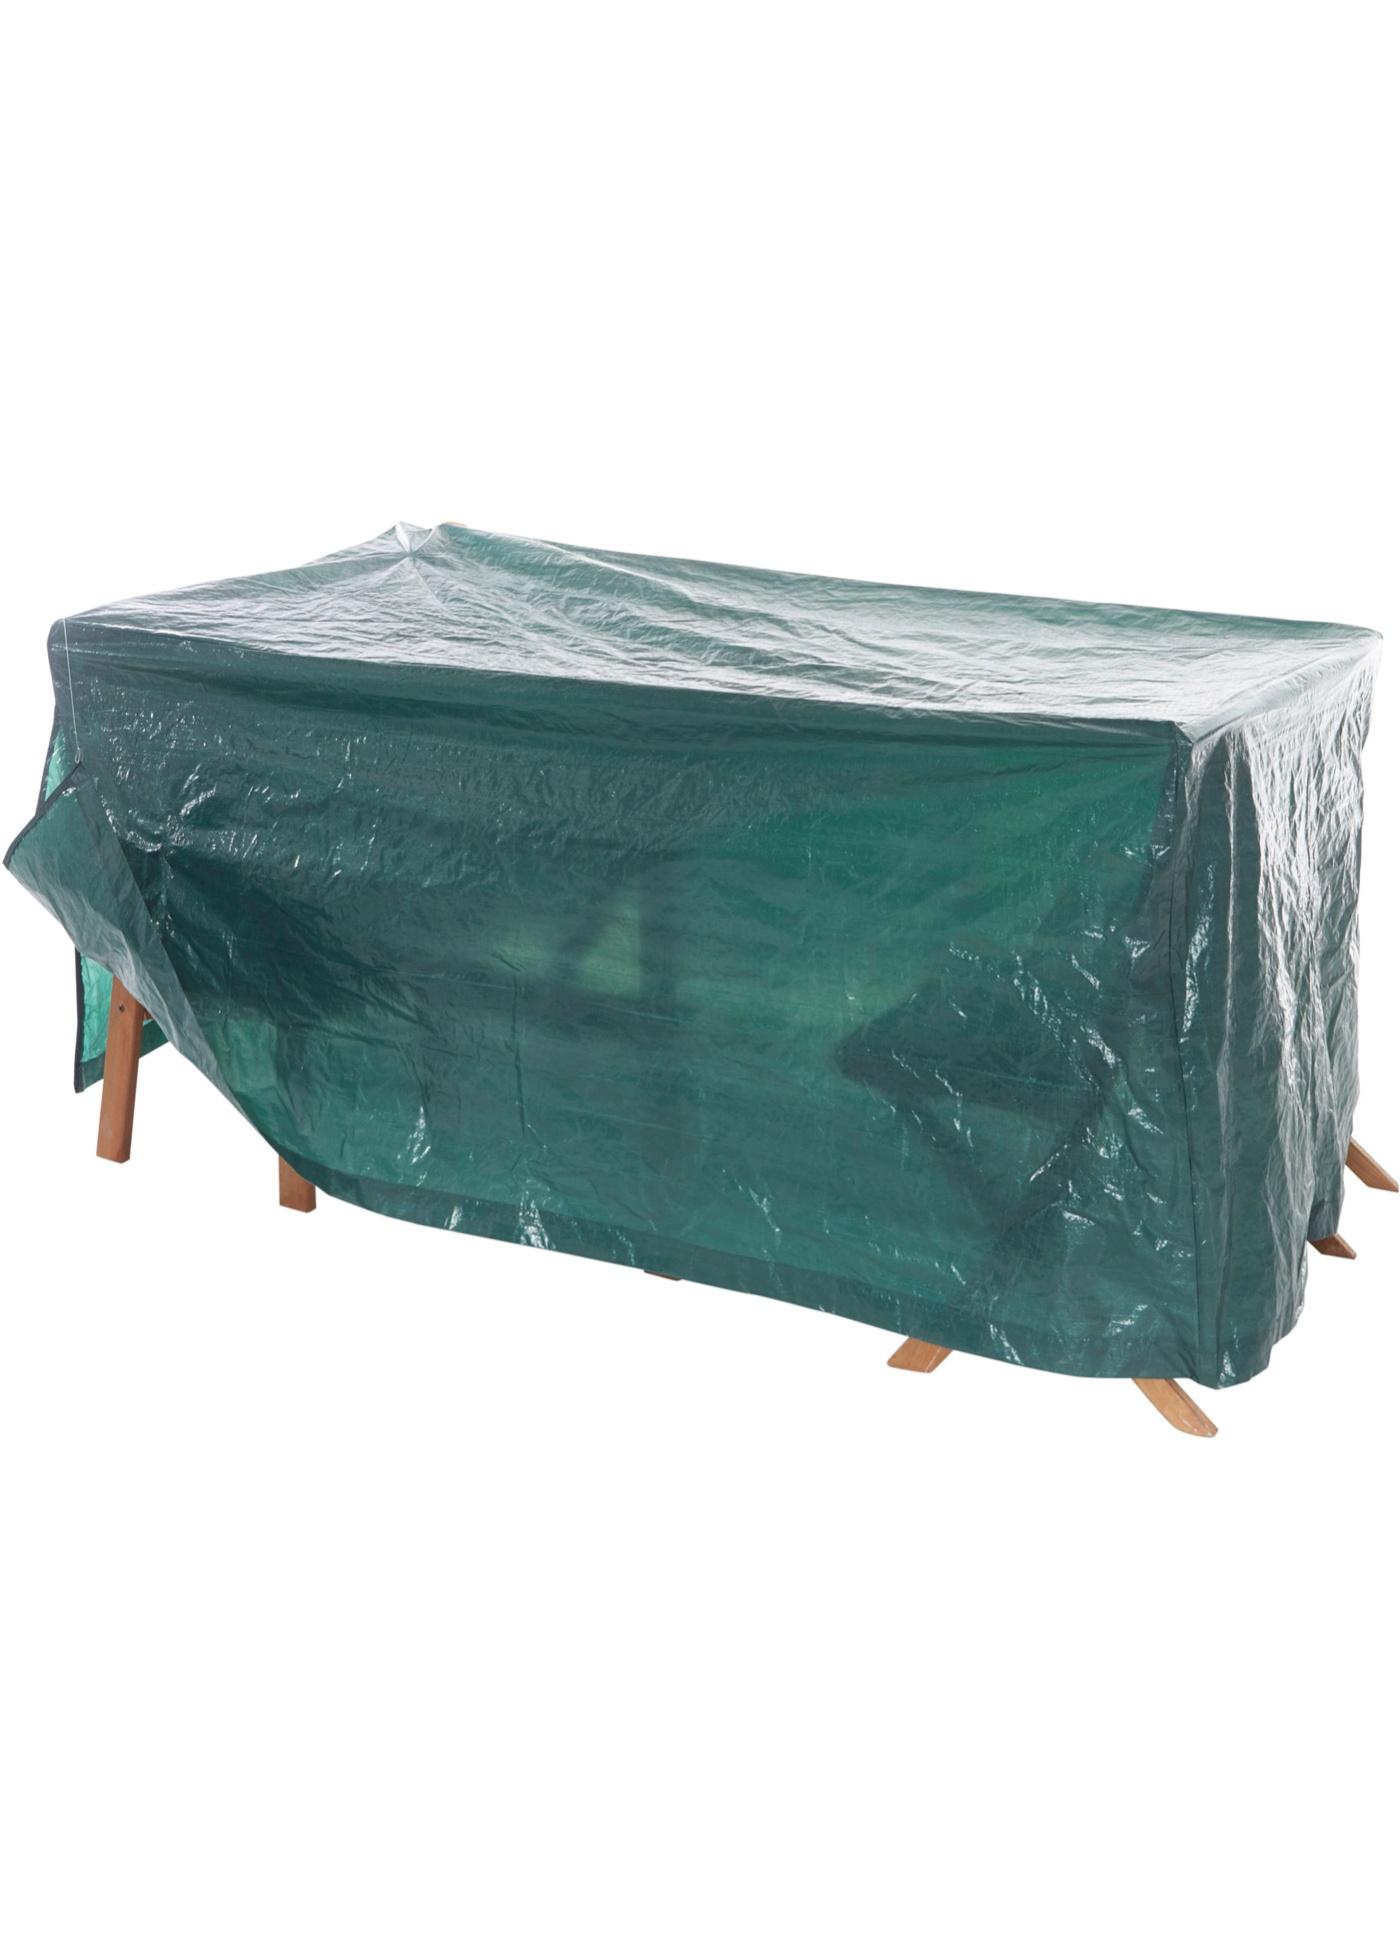 Housse de protection pour salon de jardin Anke